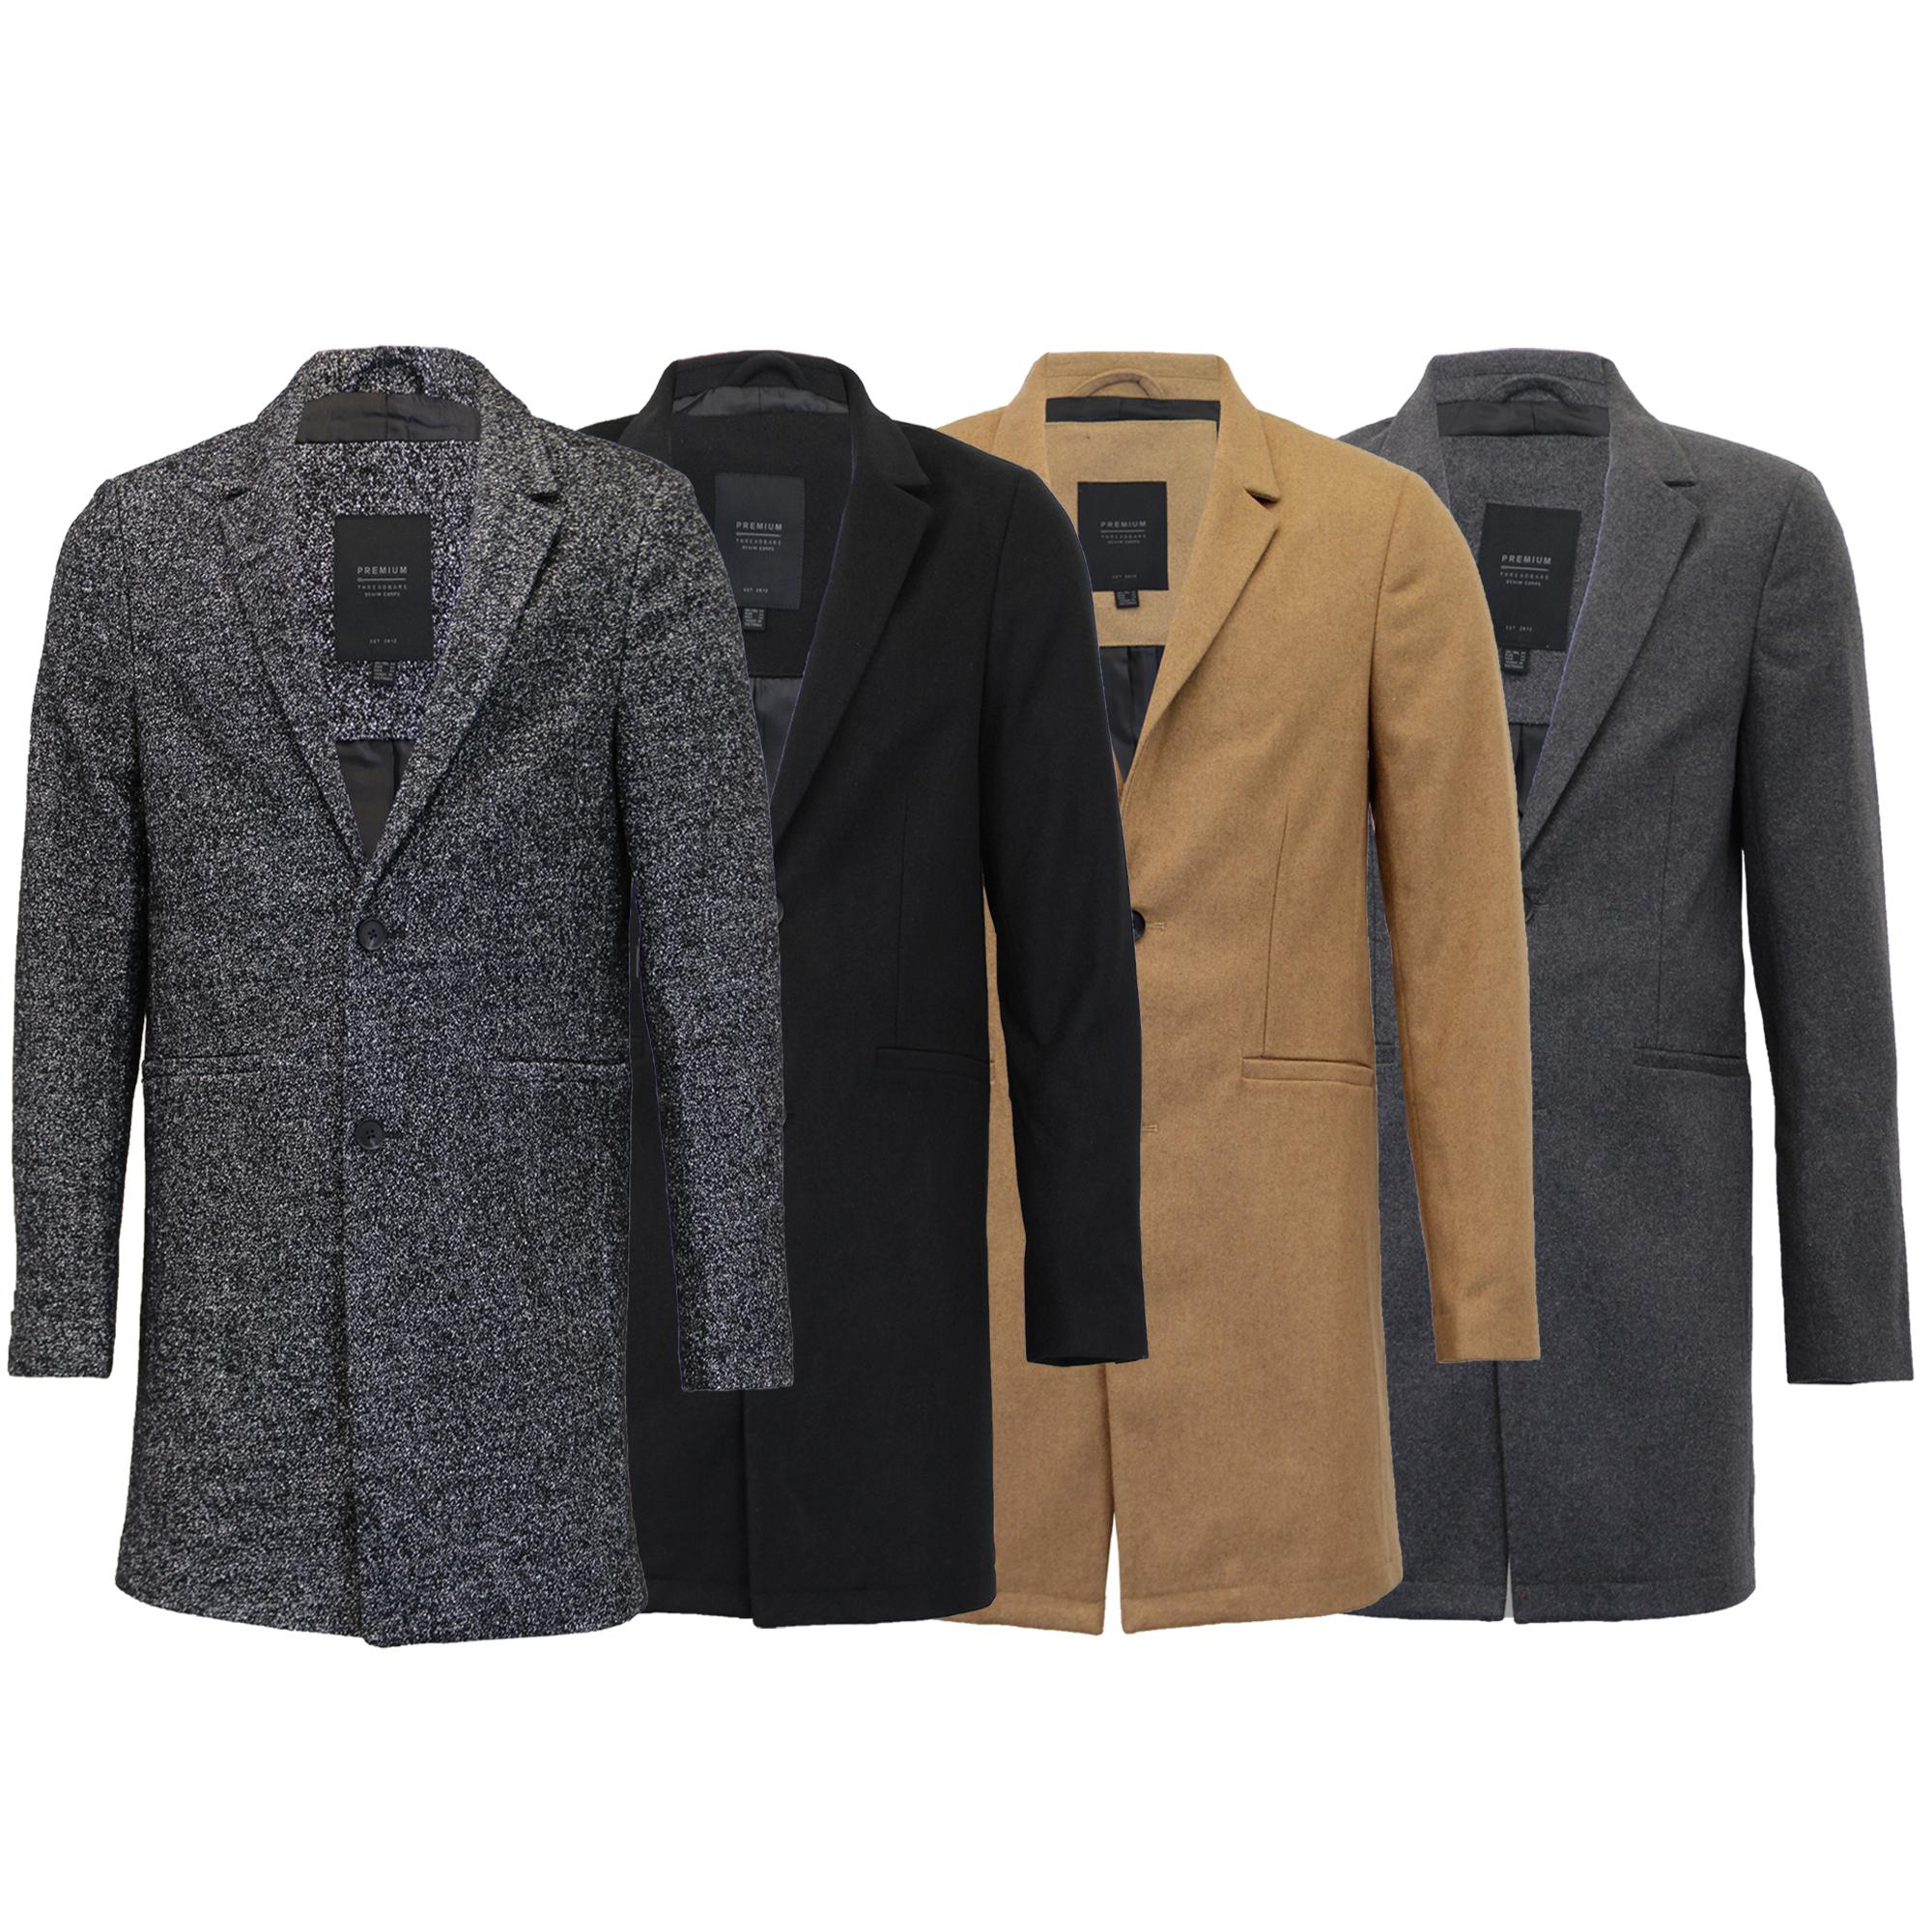 super popular 8bc0f d917d Details zu Herren Wolle Mix Jacke threadbare Lang Trenchcoat Kragen Knöpfe  Gefüttert Winter